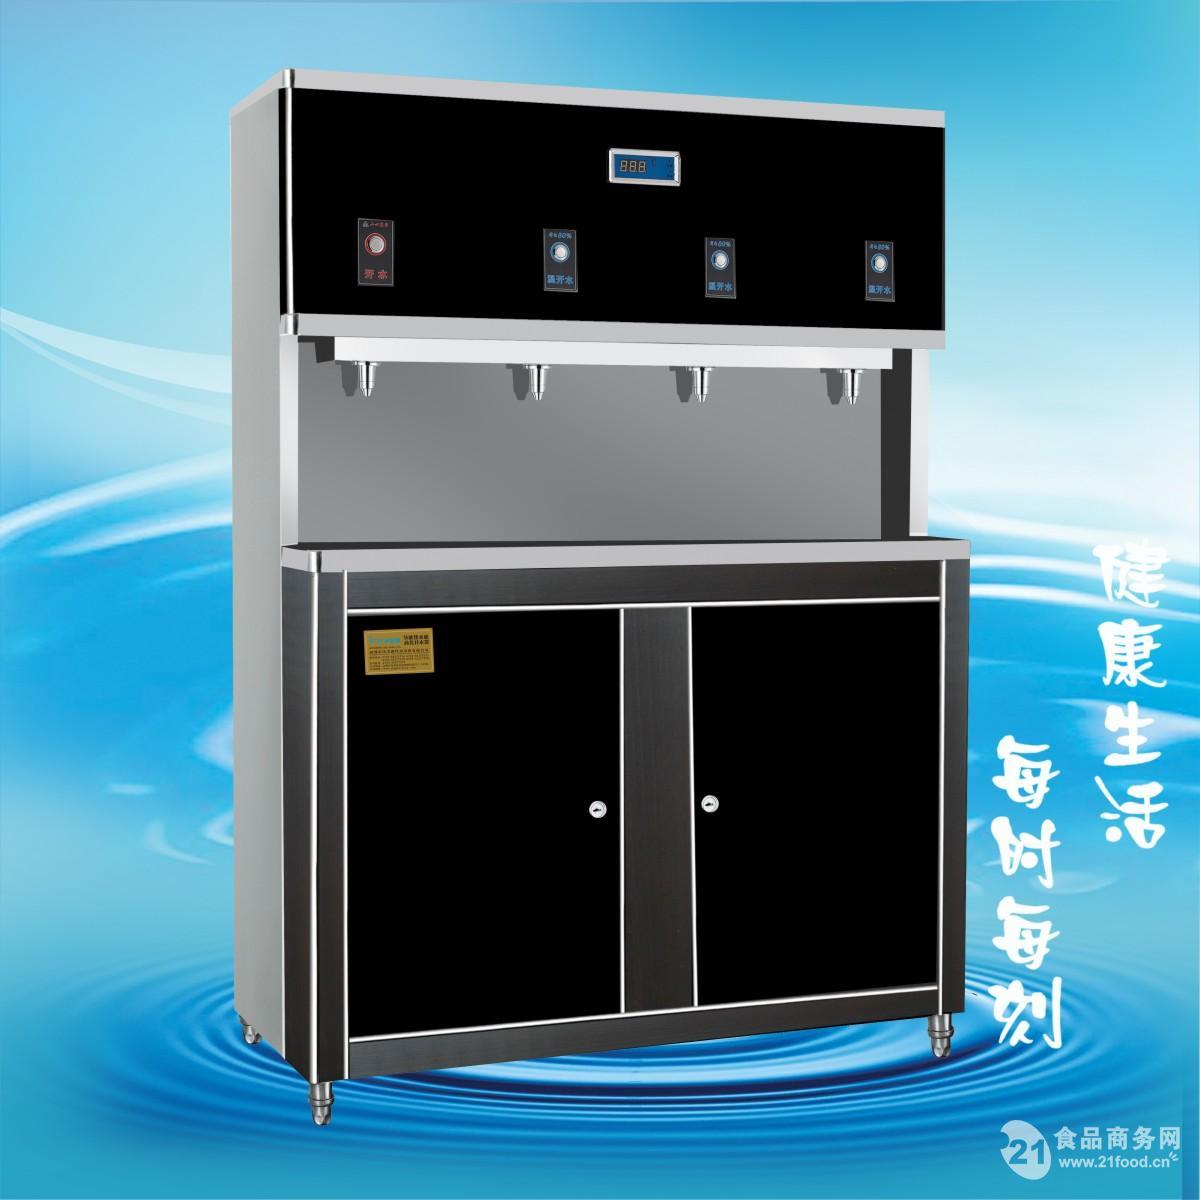 宿舍不锈钢直饮水机--深圳市净美源饮水设备有限公司